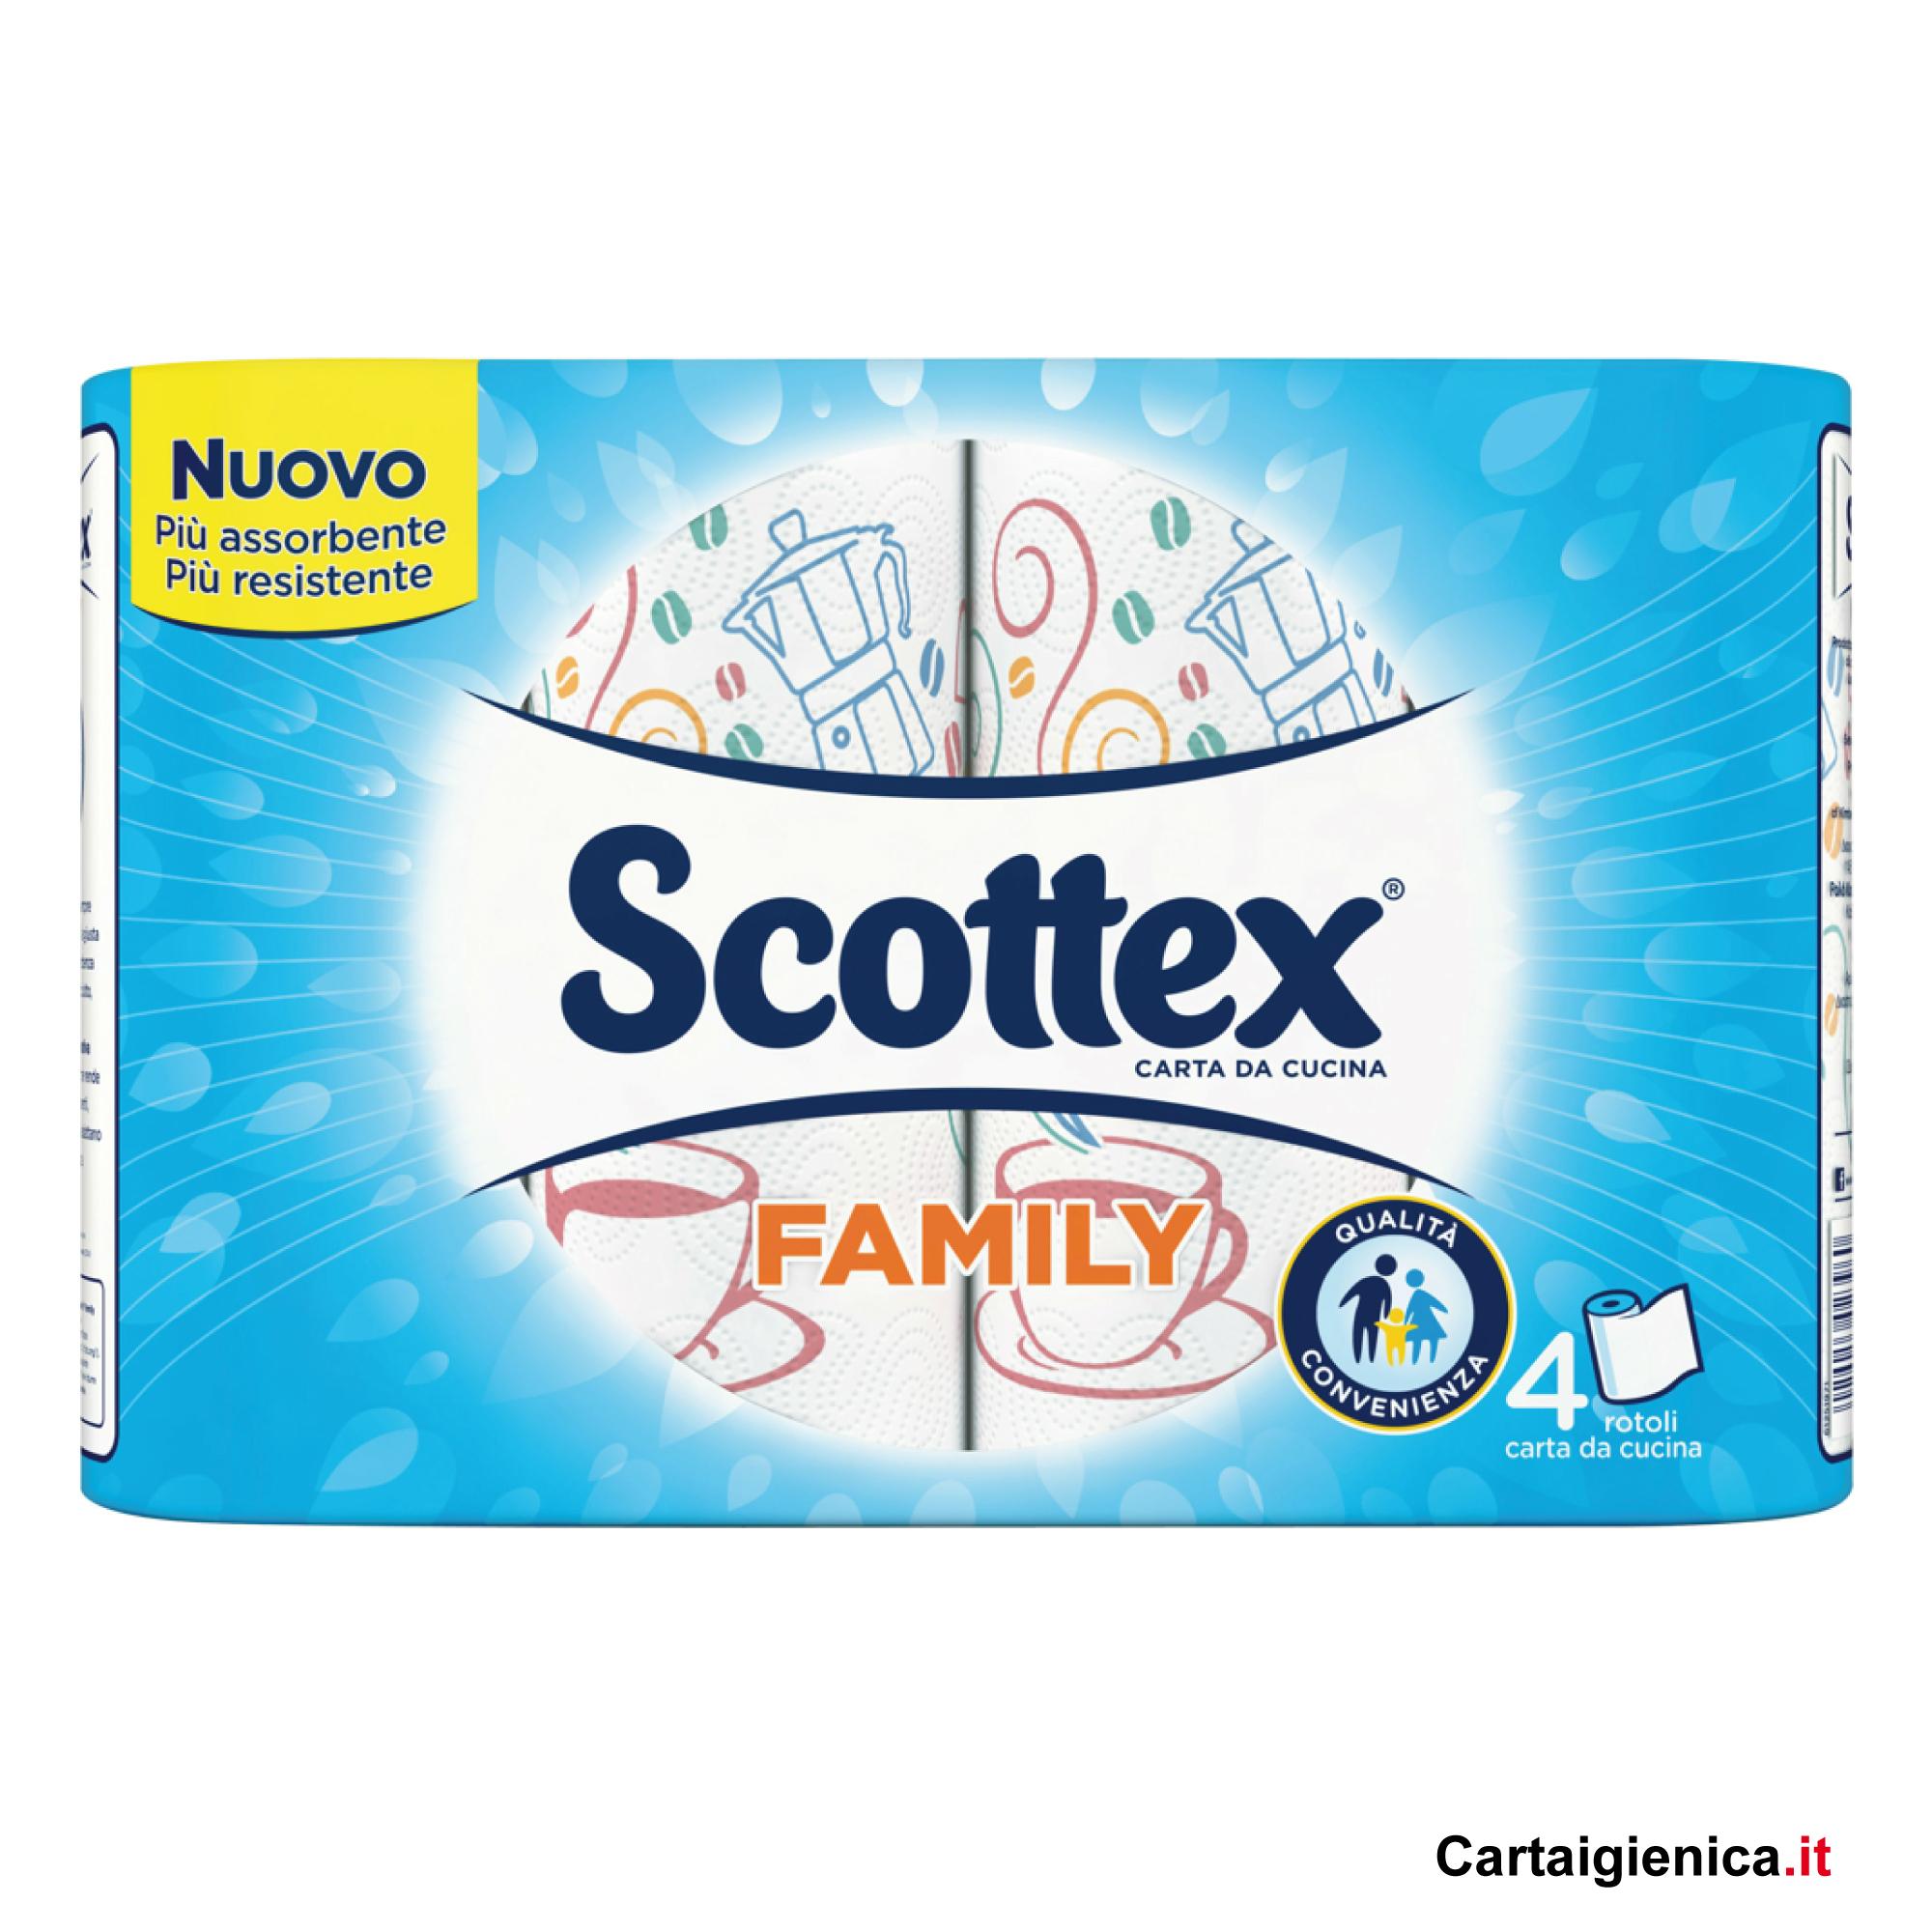 SCOTTEX FAMILY CARTA CUCINA 4 ROTOLI 1 pacco - 4 rotoli